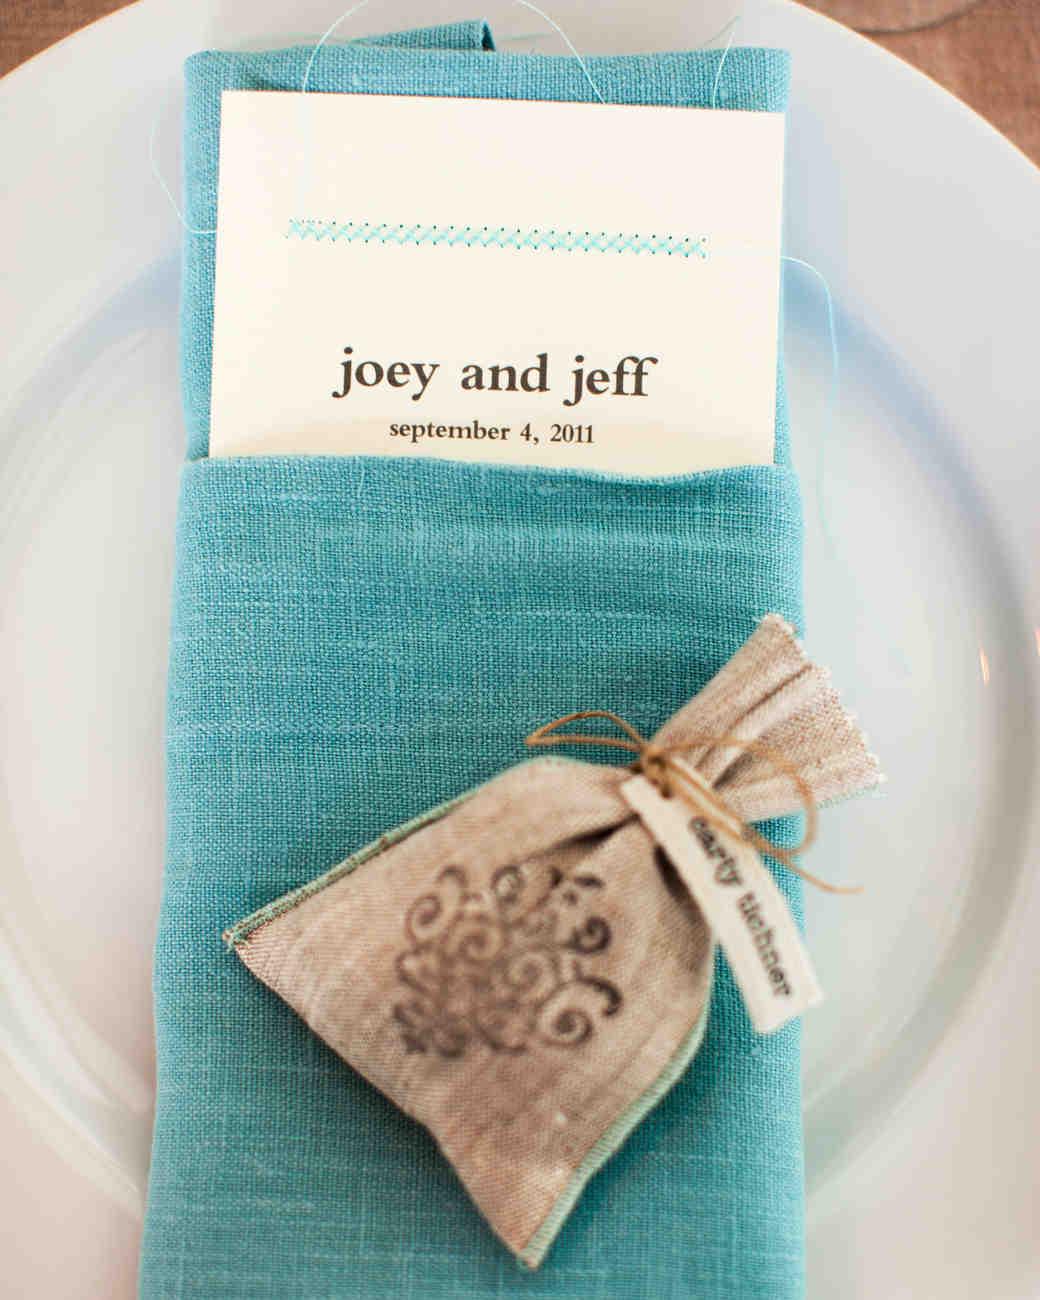 joey-jeff-090411-0421.jpg